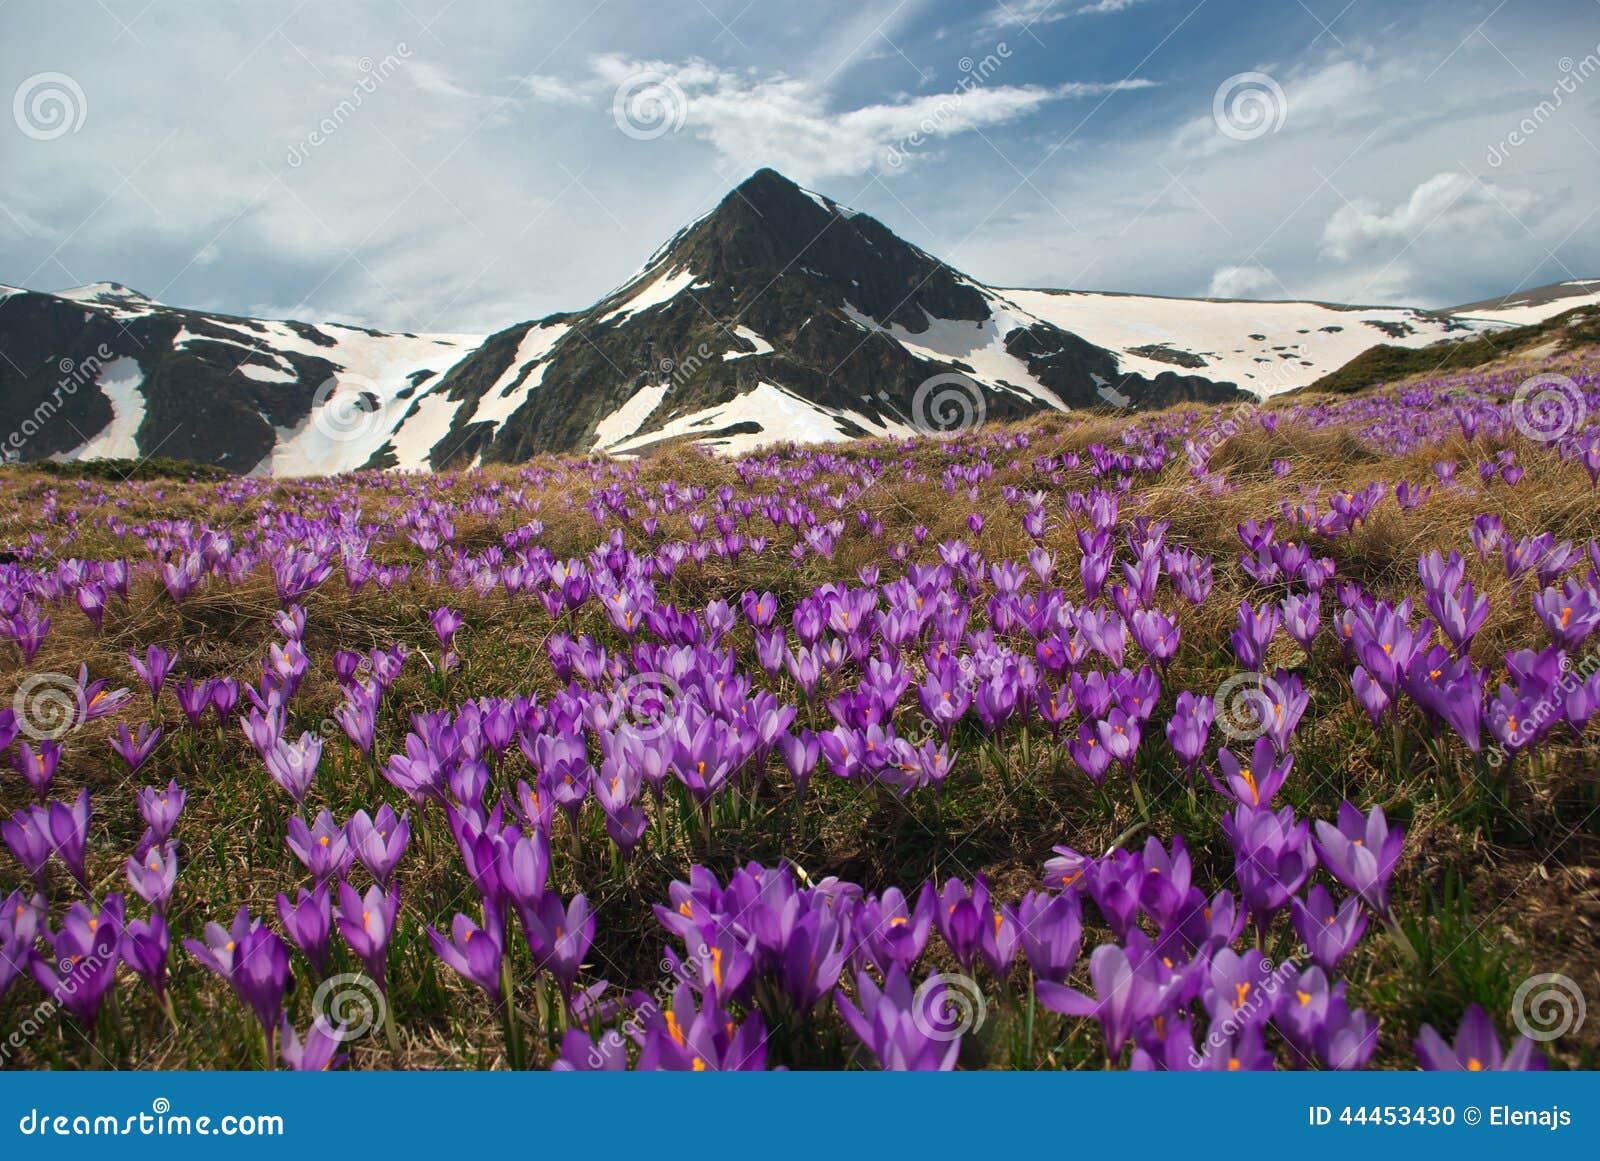 Prado da montanha com açafrão